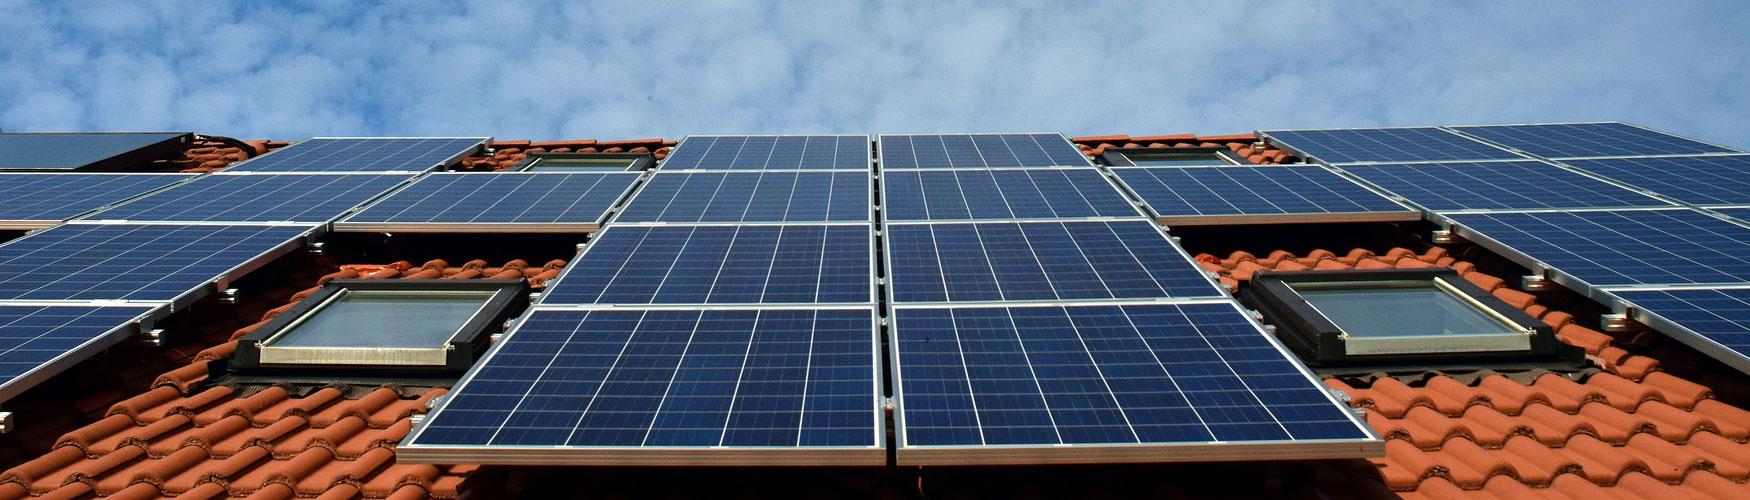 solar-panels-header.jpg